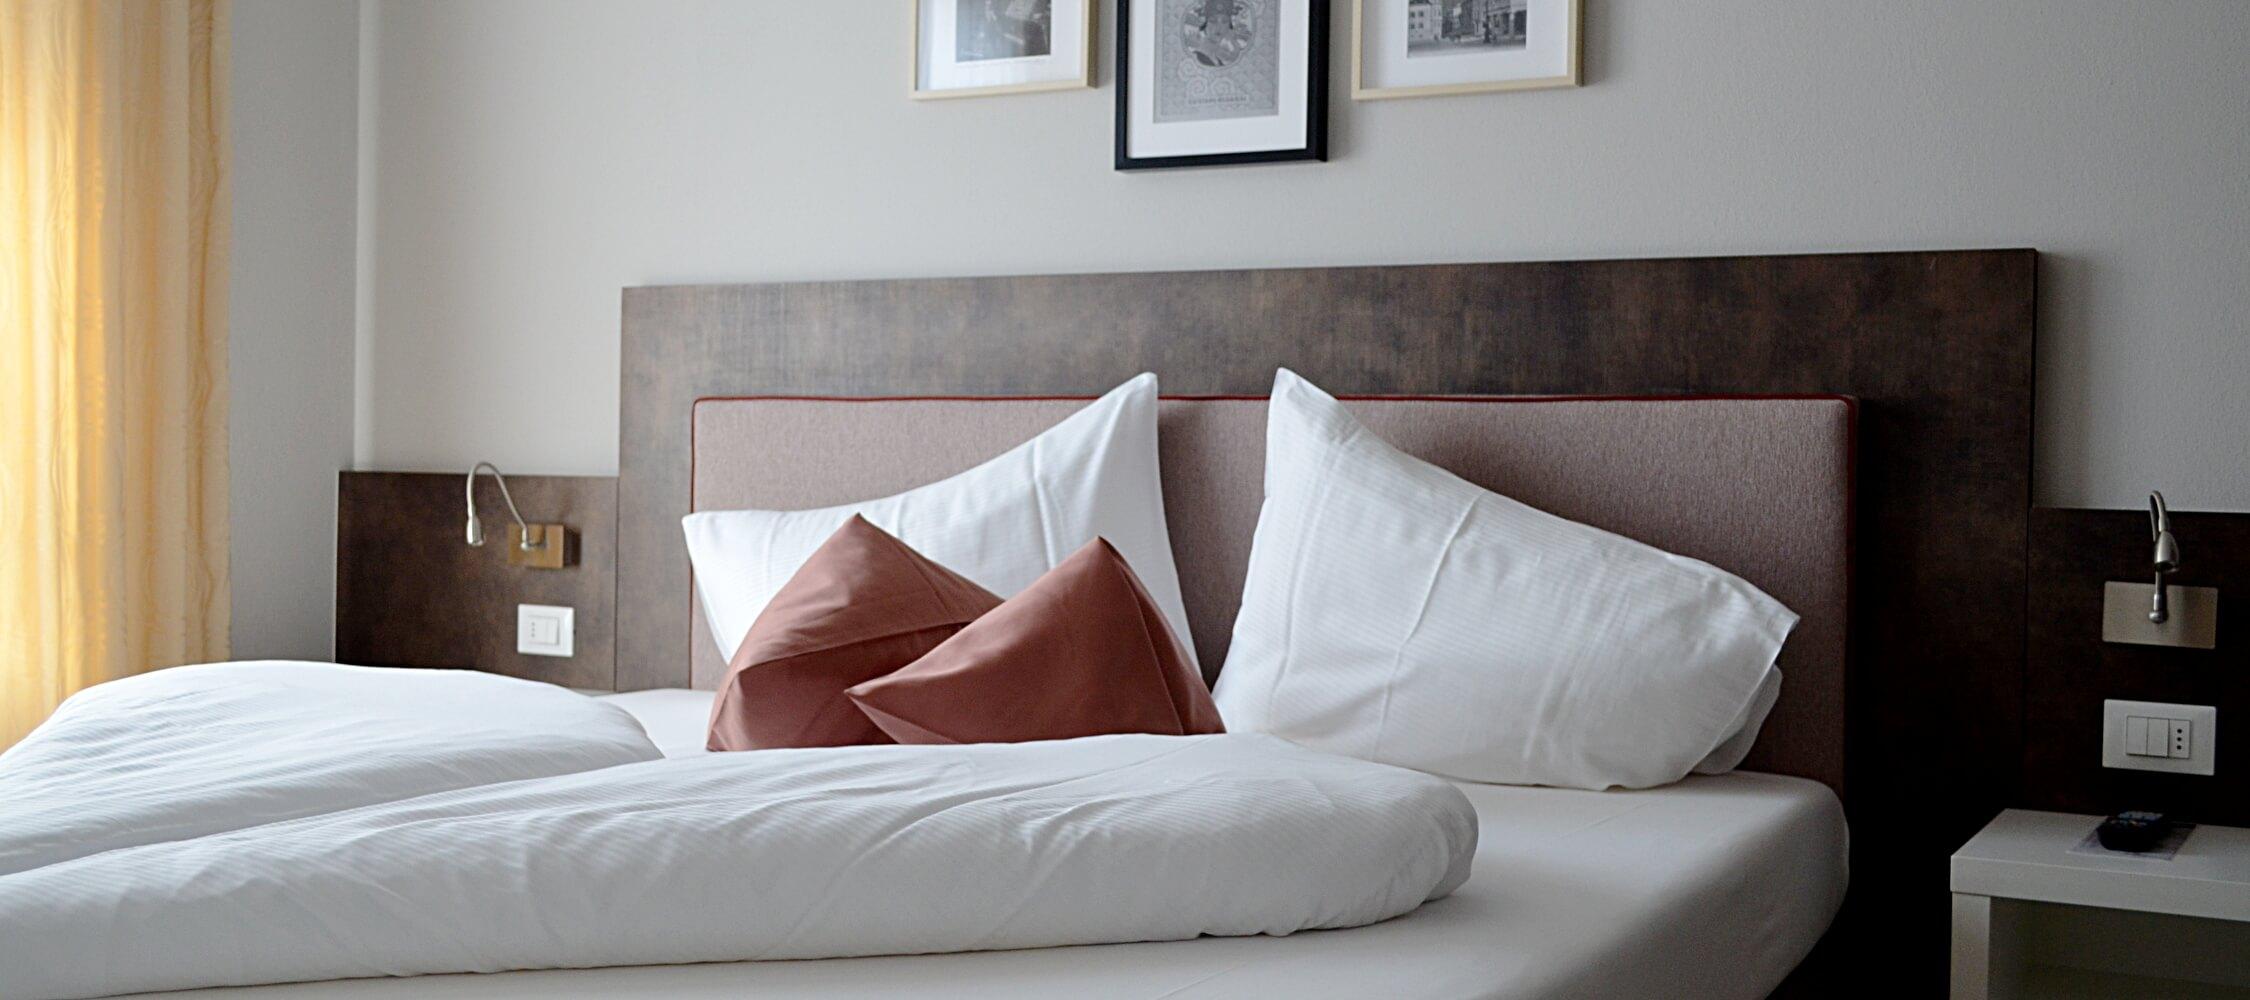 City_Hotel_Merano_Suite_Lifestyle_Schlafzimmer_Detail_0590_2250x1000